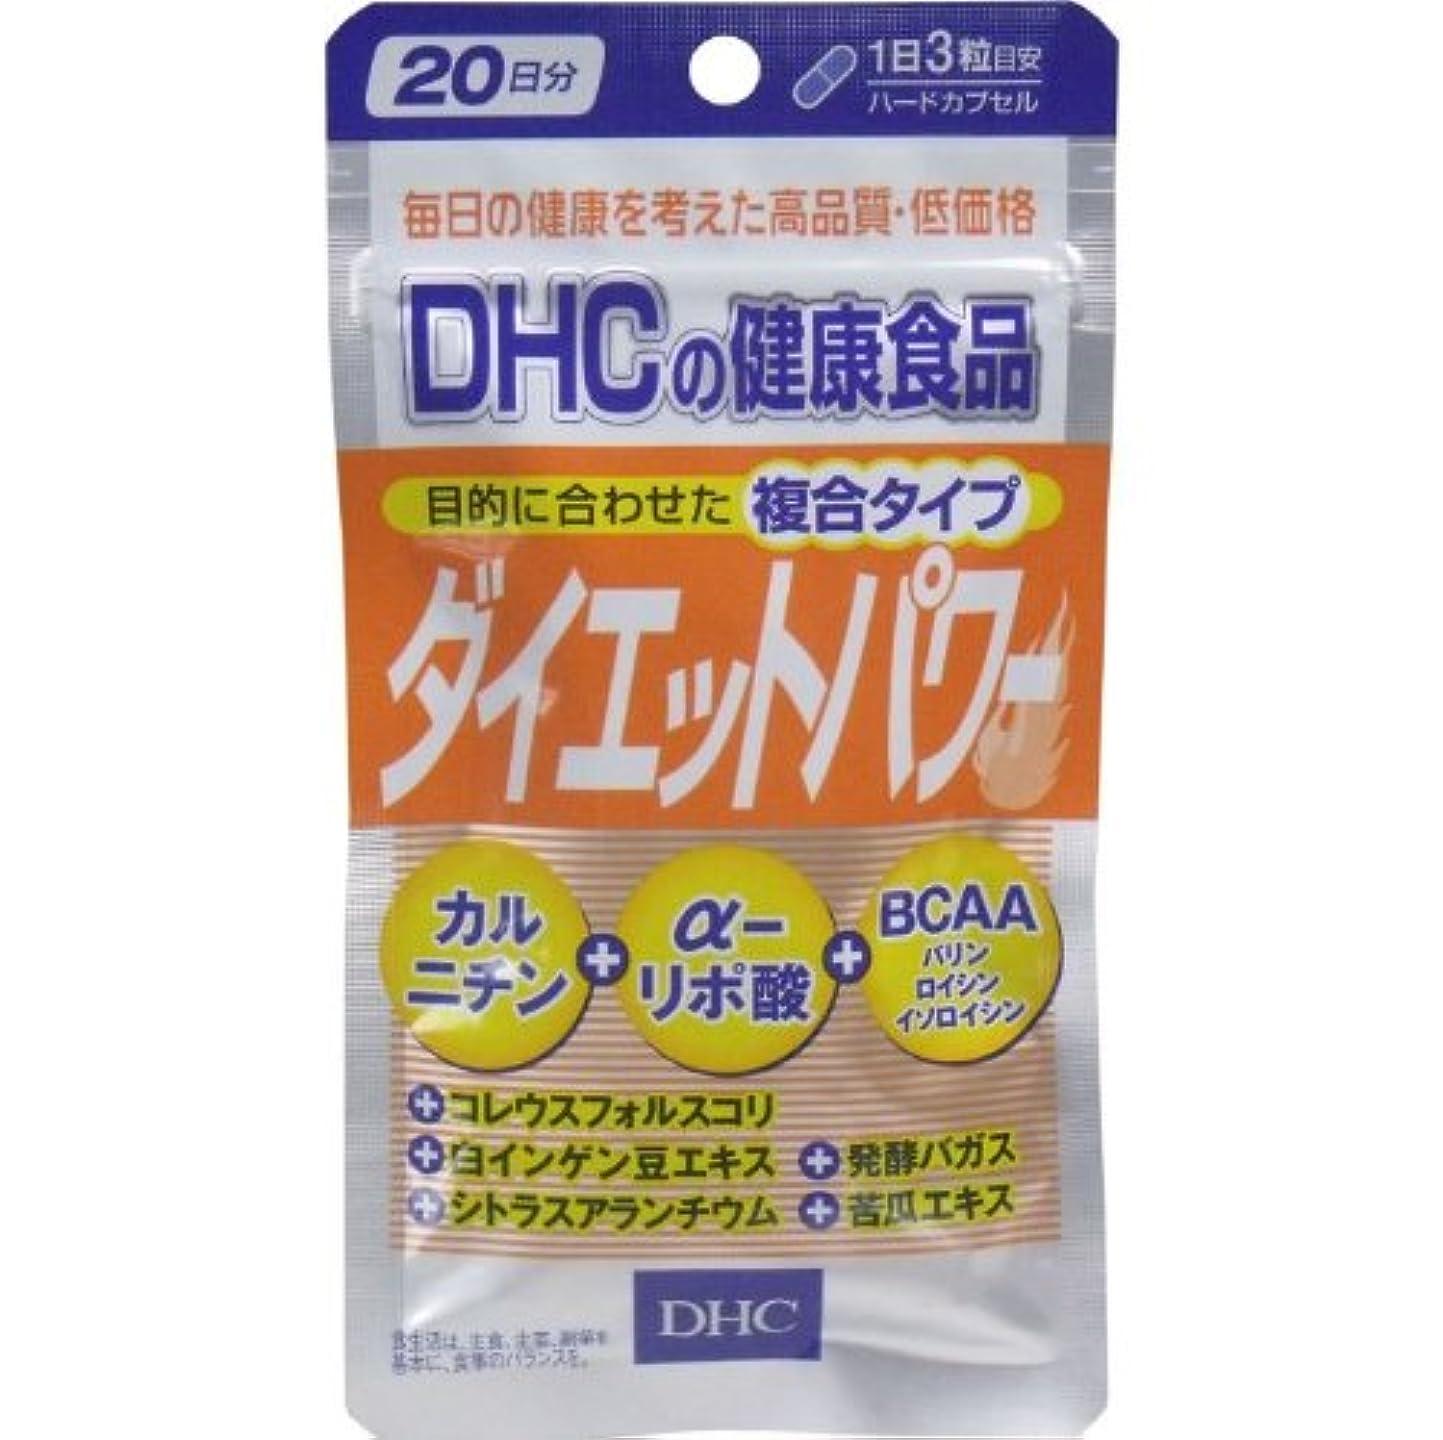 代替案の面では経済的DHC ダイエットパワー 60粒入 20日分「4点セット」